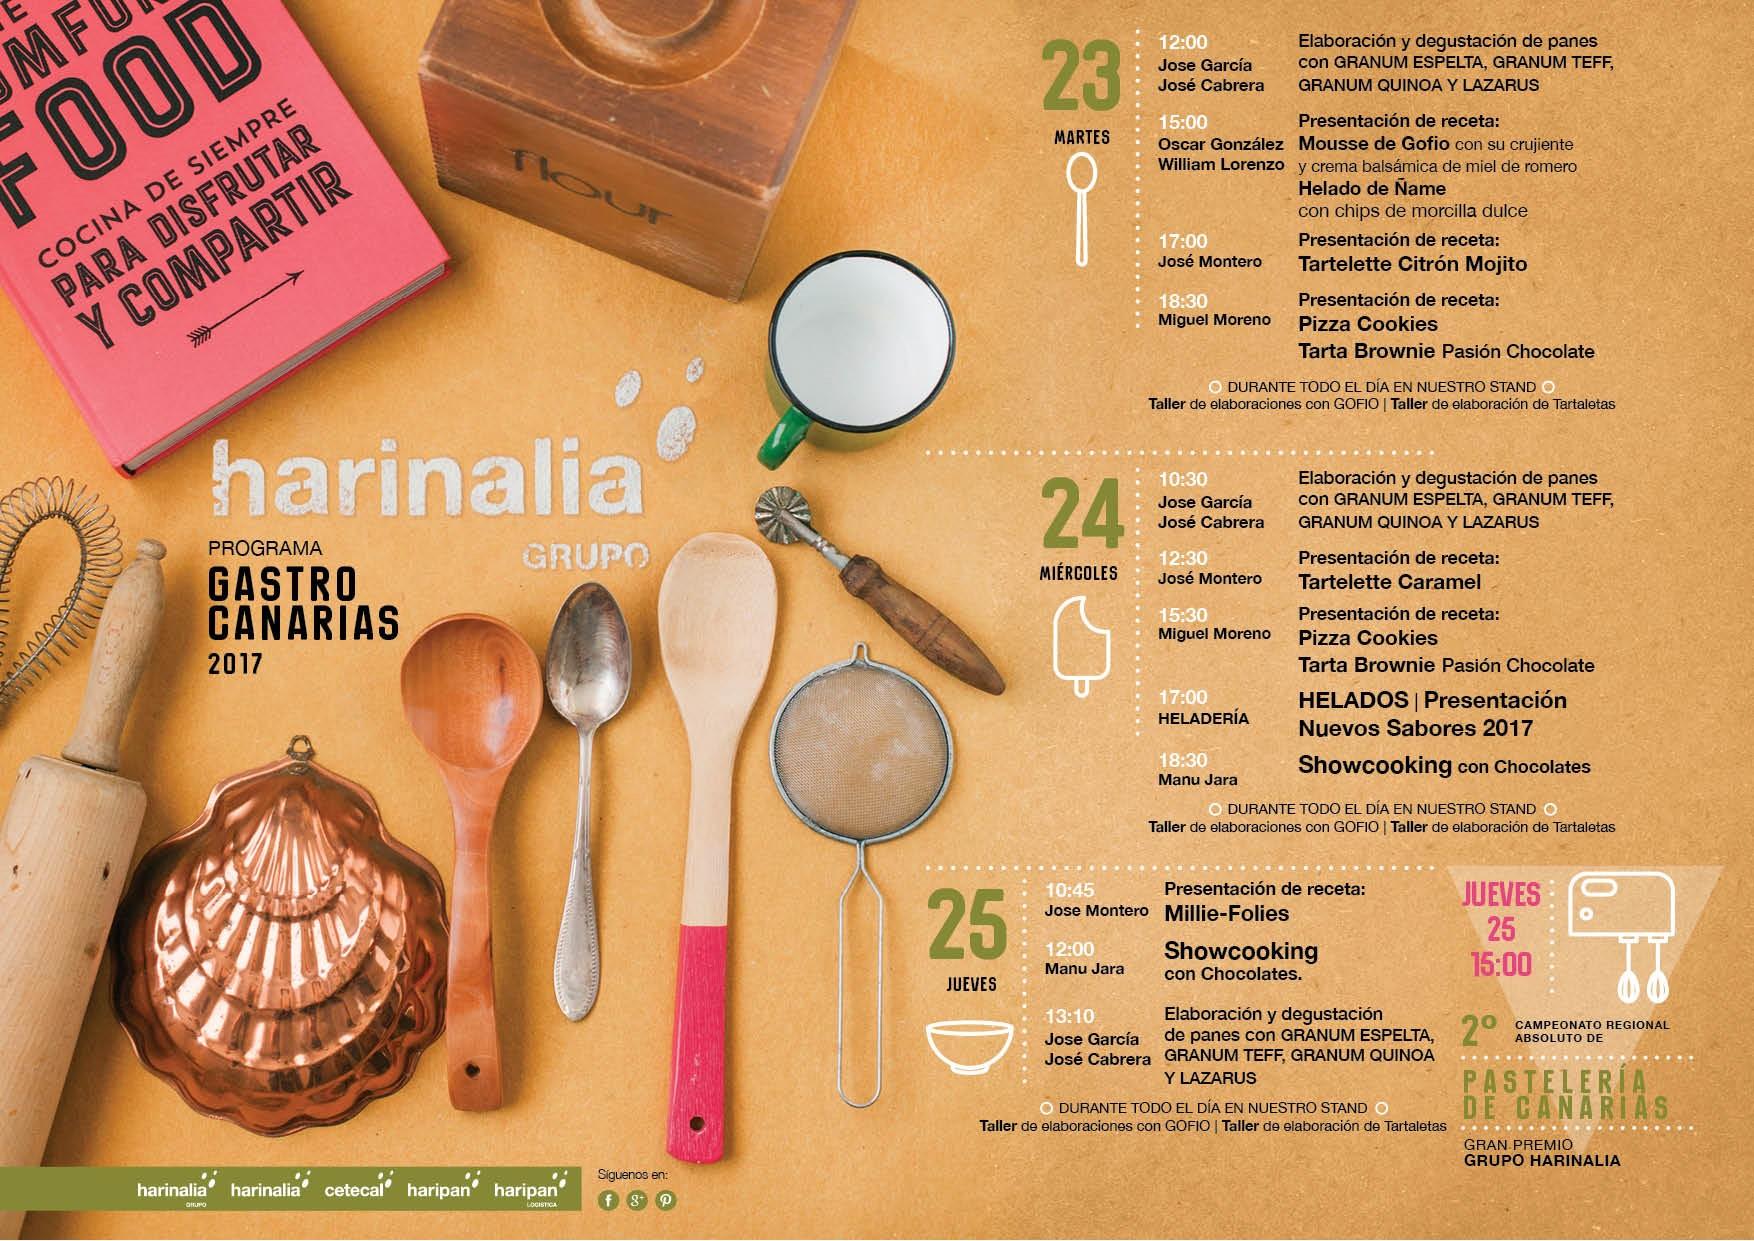 GastroCanarias 2017 Programa de actividades